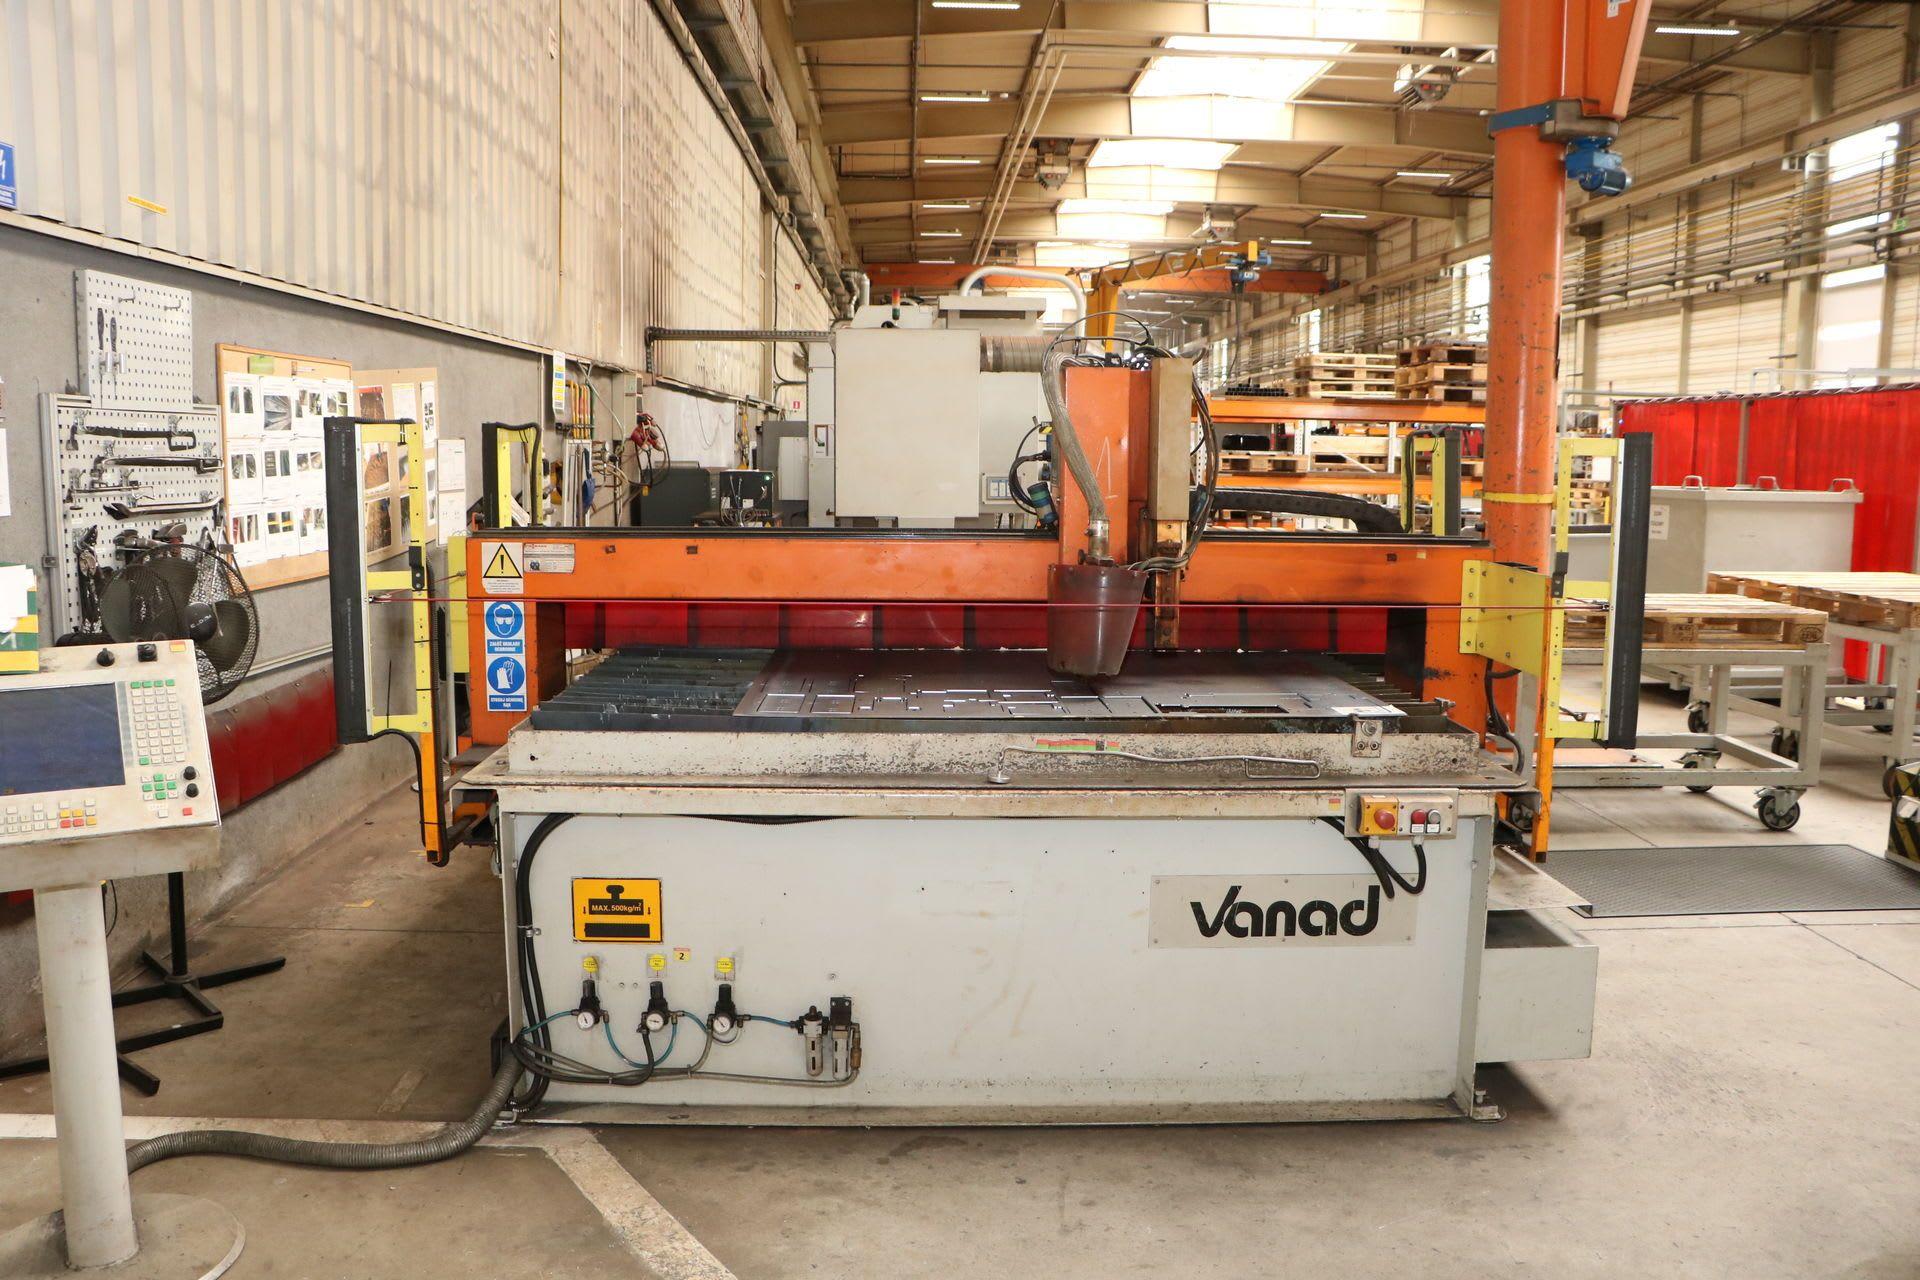 VANAD PROXIMA Plasmaschneidmaschine mit DONALDSON Filteranlage